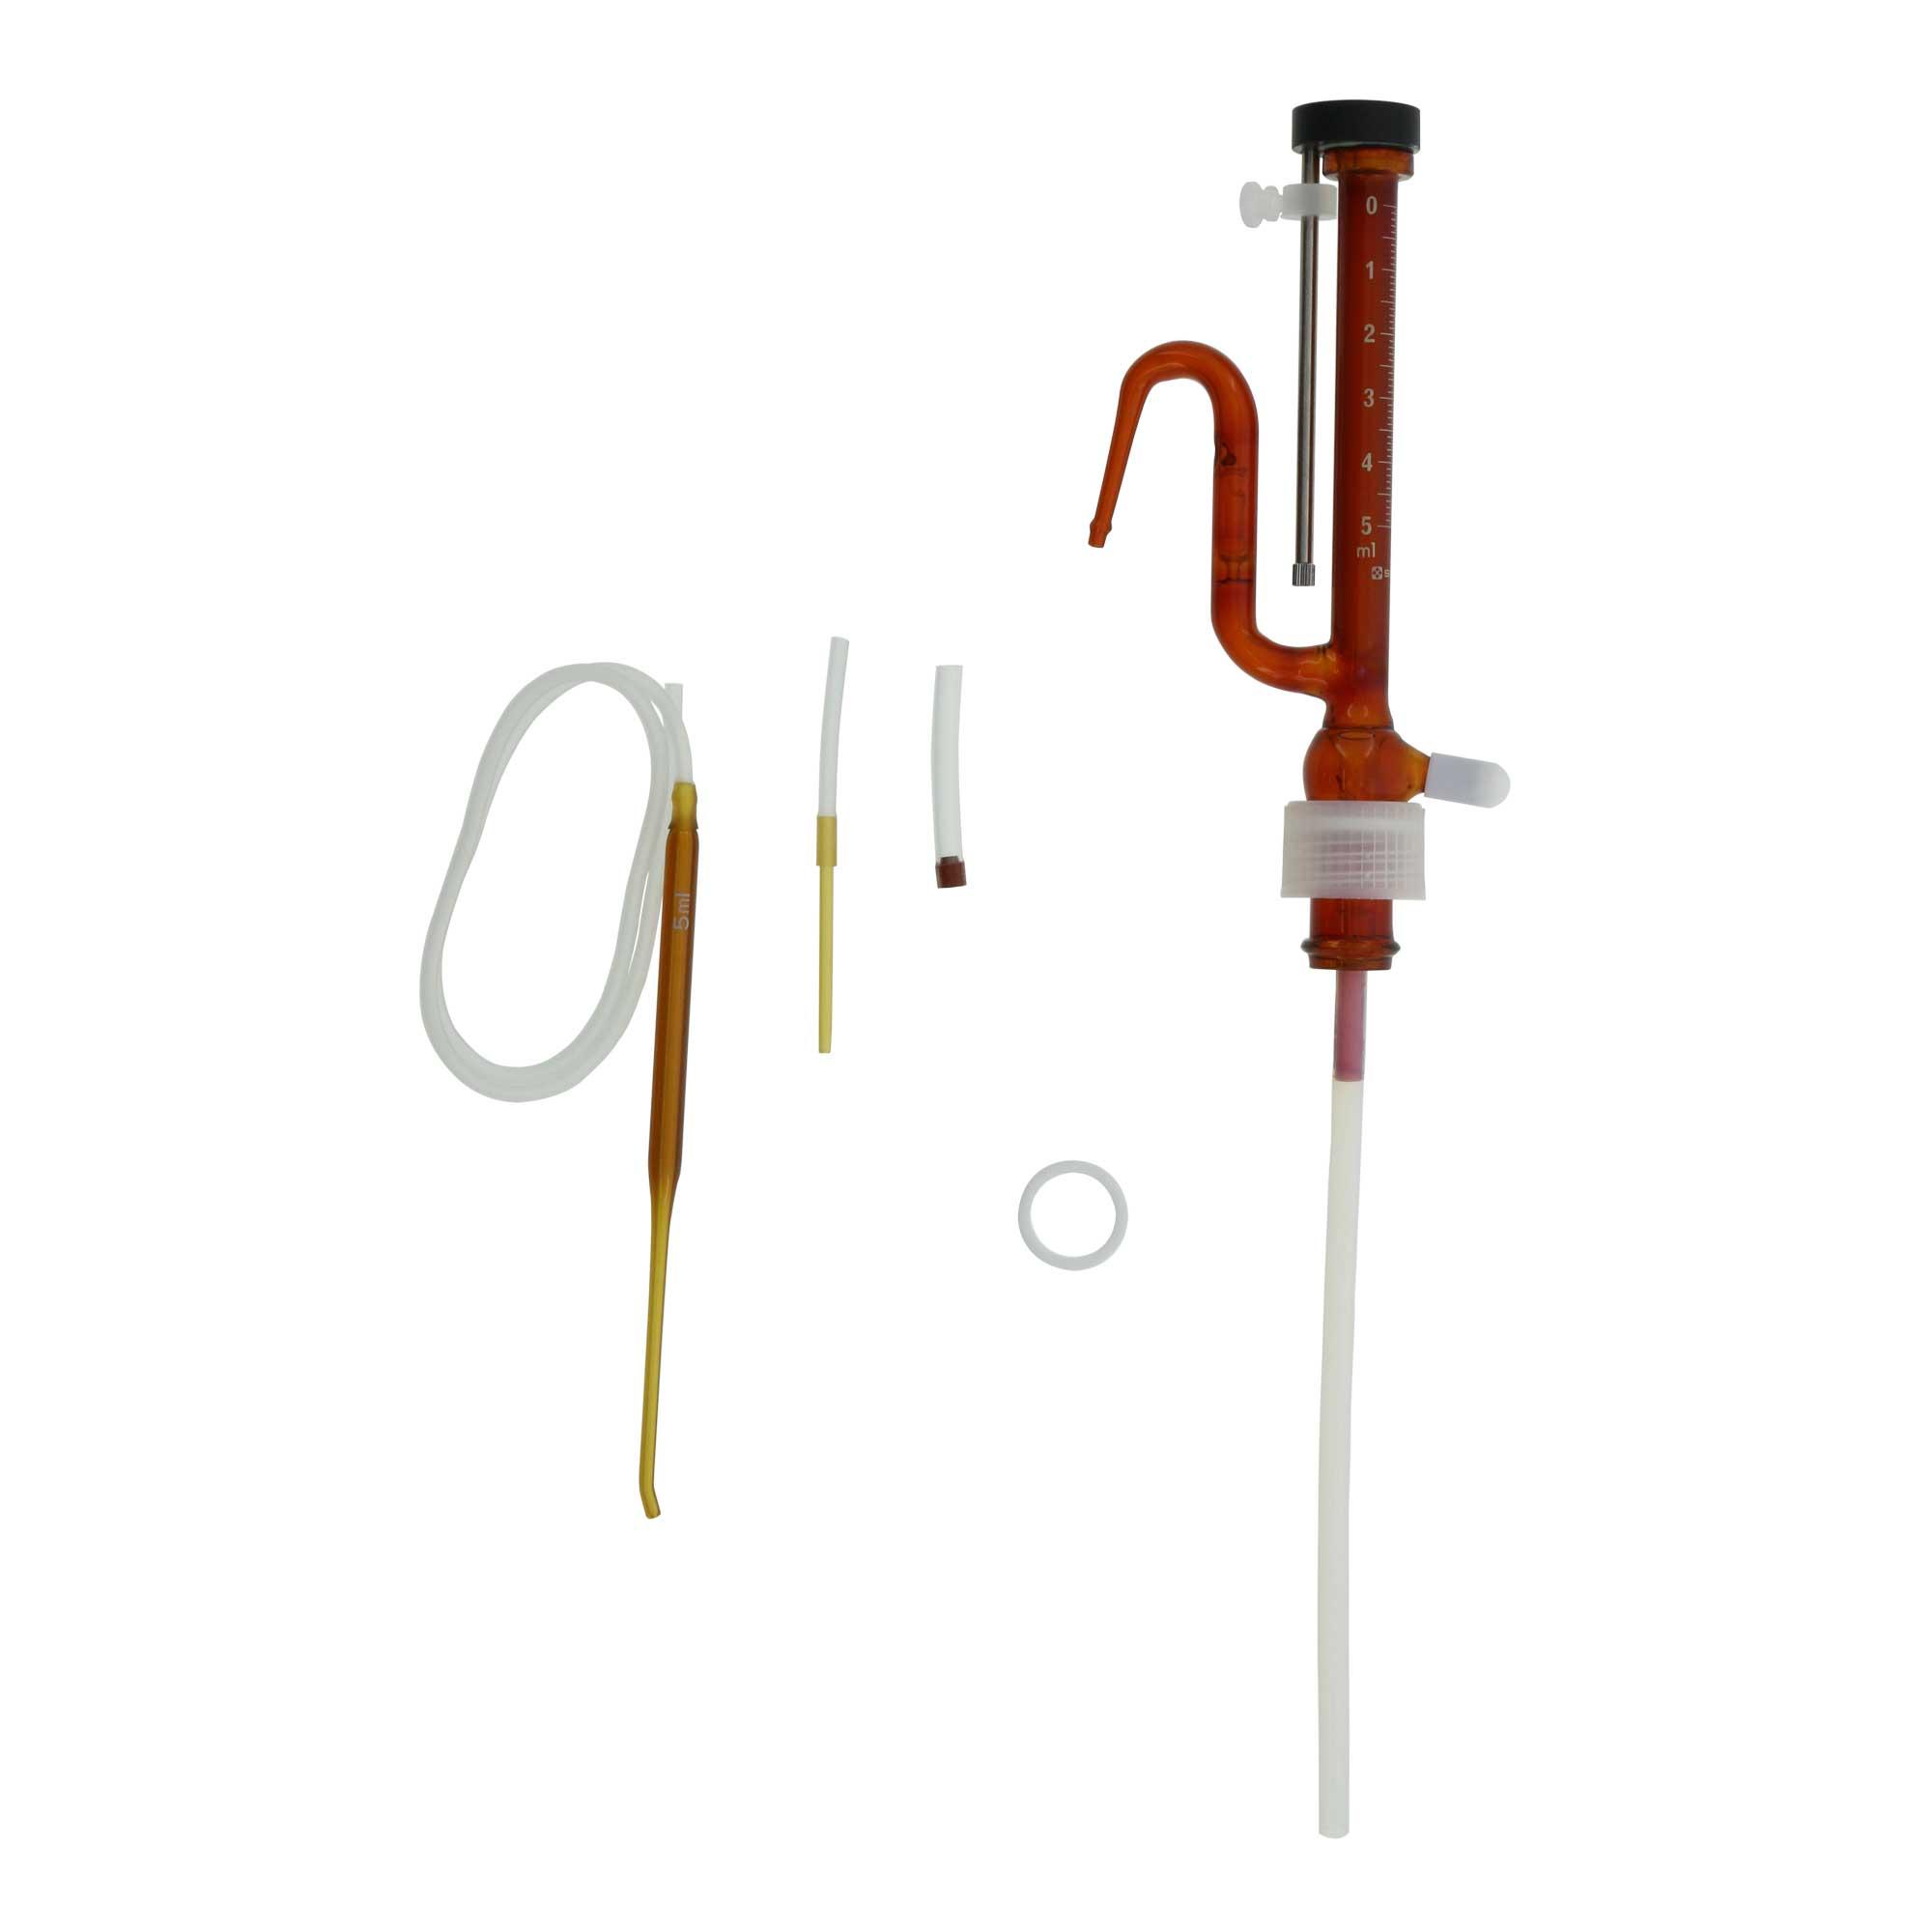 025120-51 分注器 リビューレット 褐色 本体 0.5-5mL 柴田科学(SIBATA)